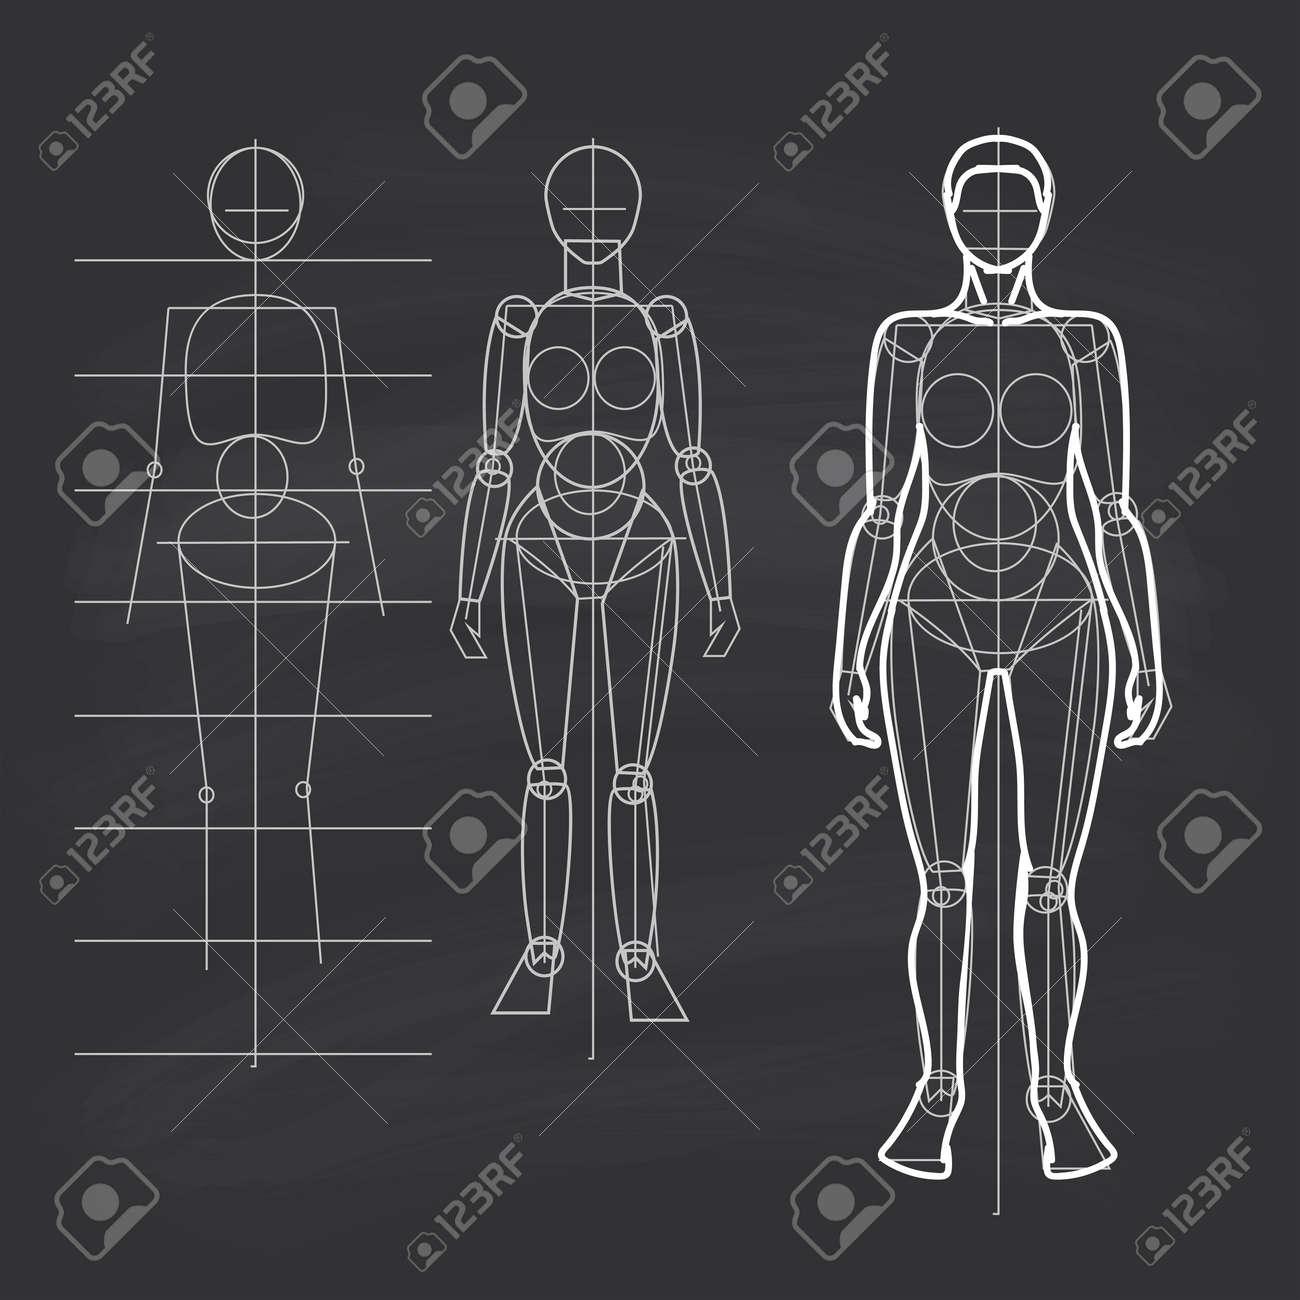 Mann breite hüfte schmale schultern @w: breite